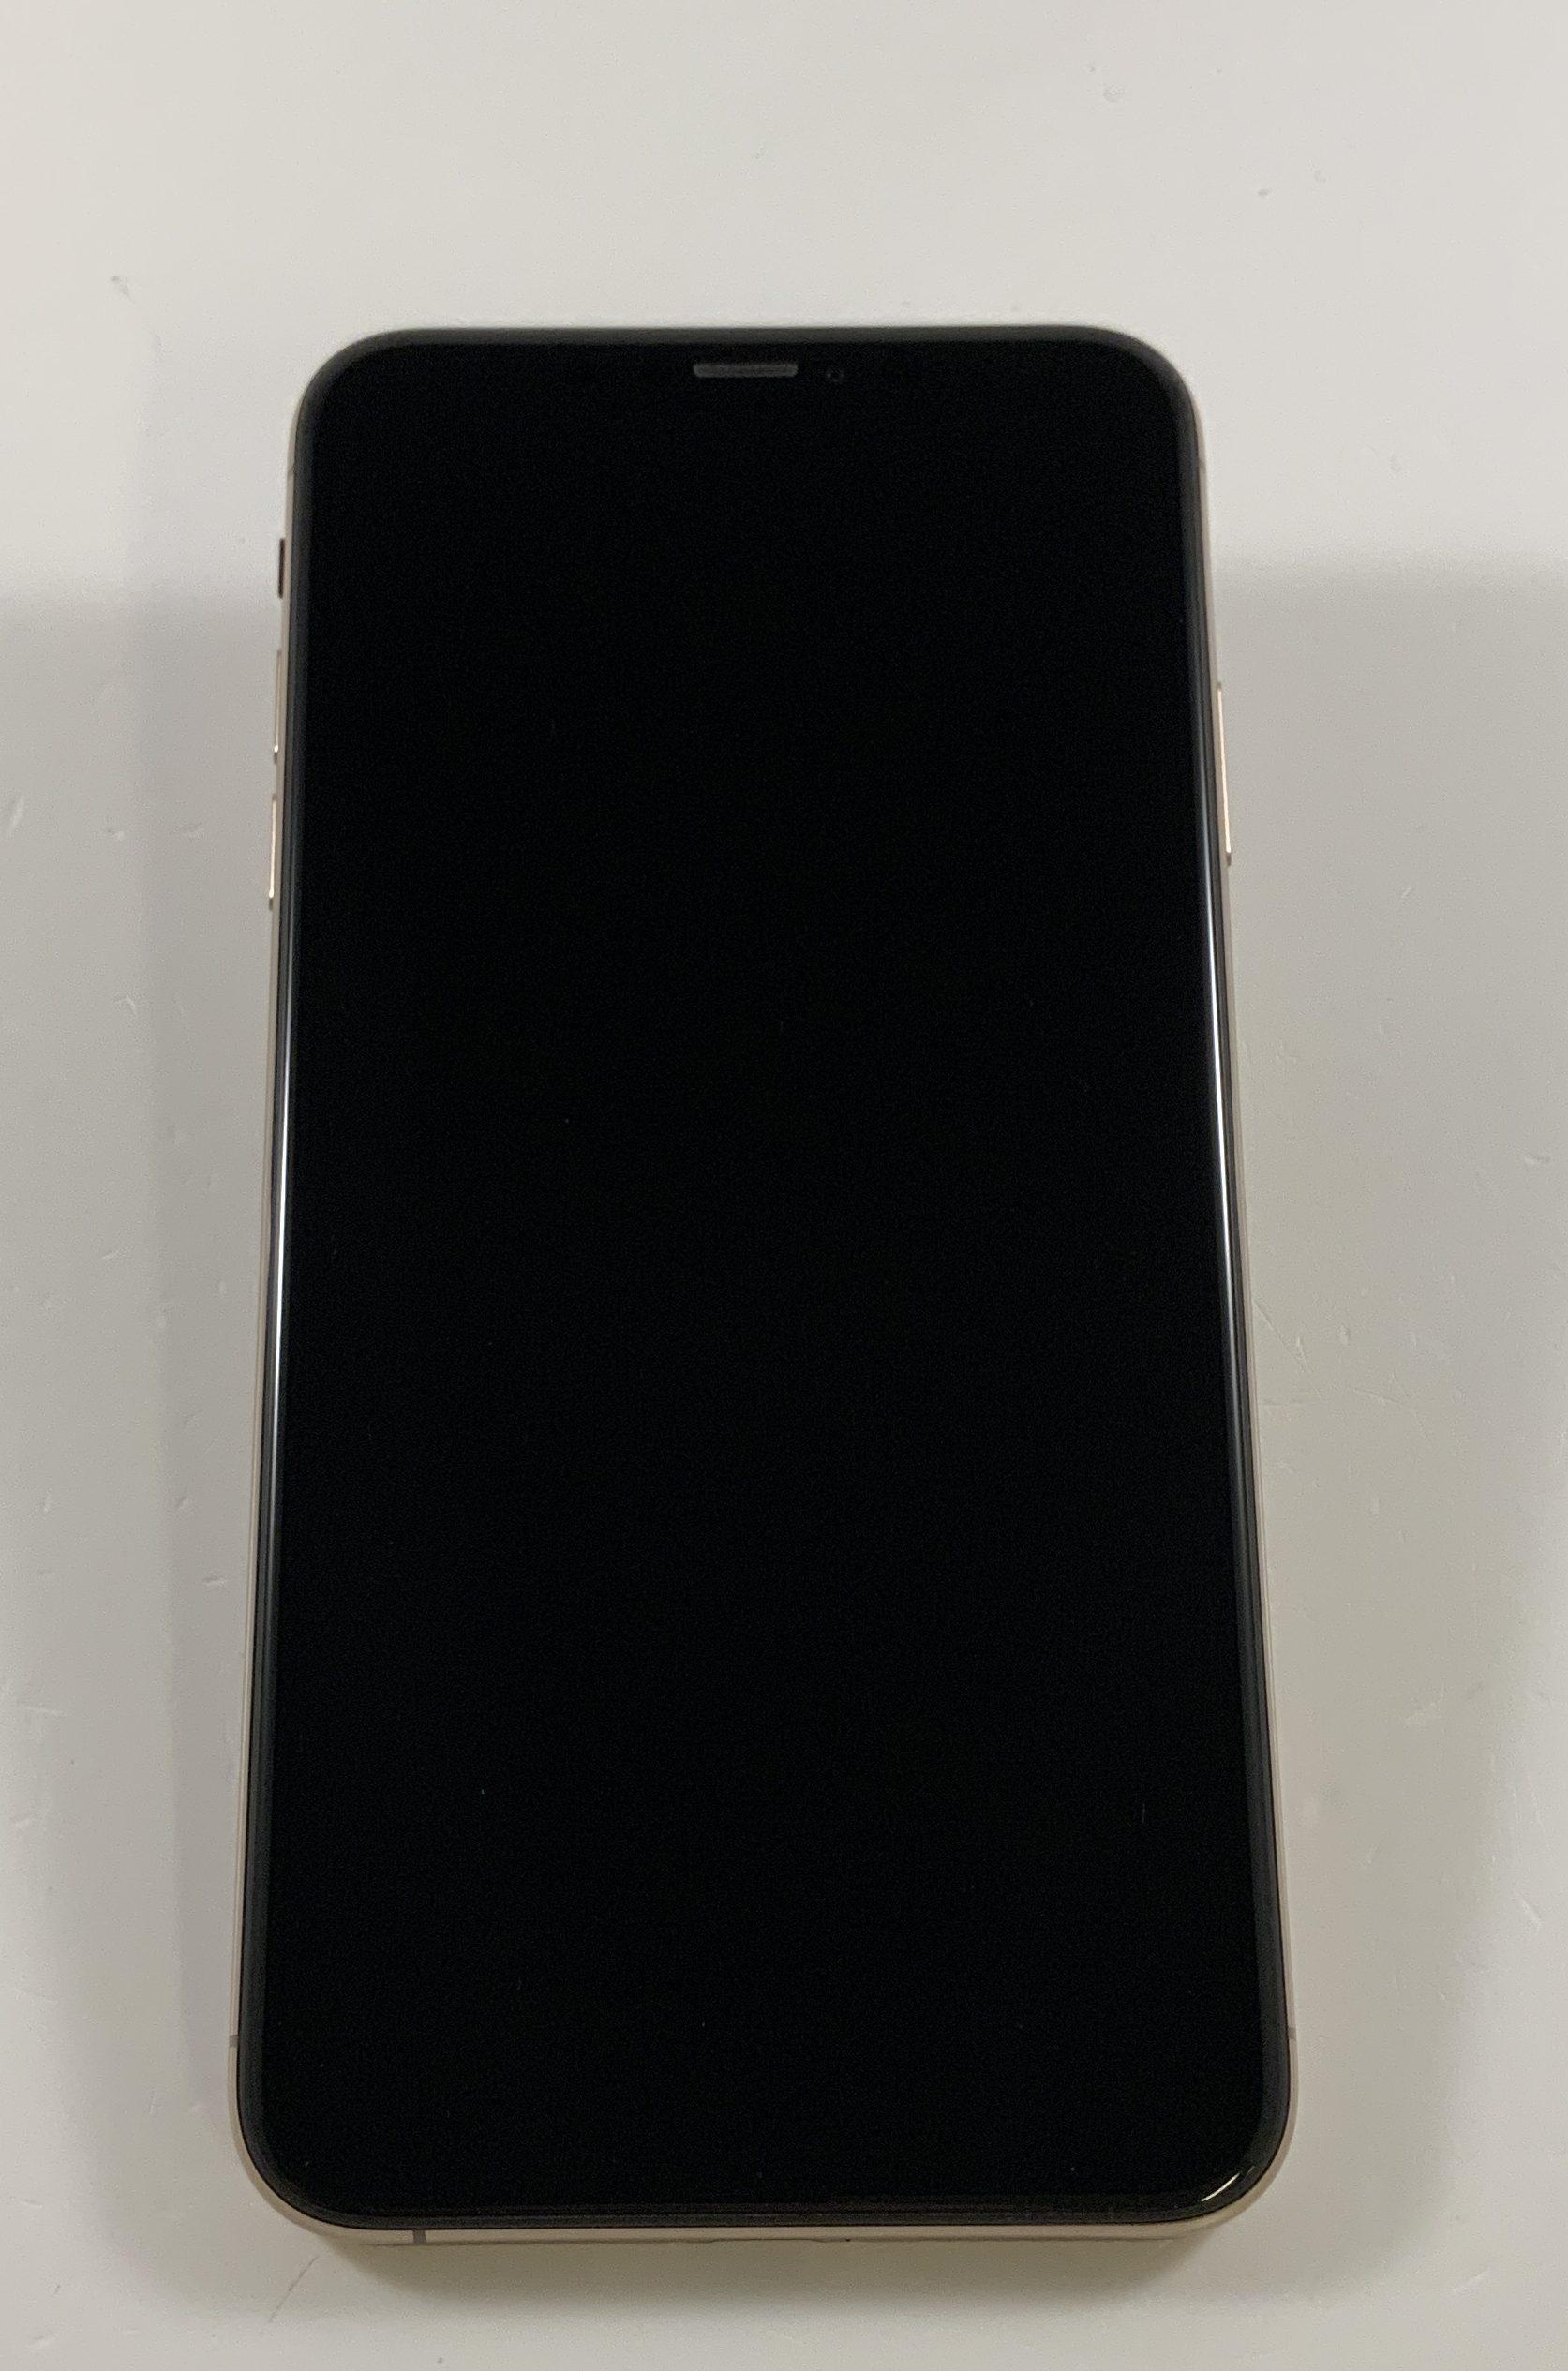 iPhone XS Max 256GB, 256GB, Gold, immagine 1